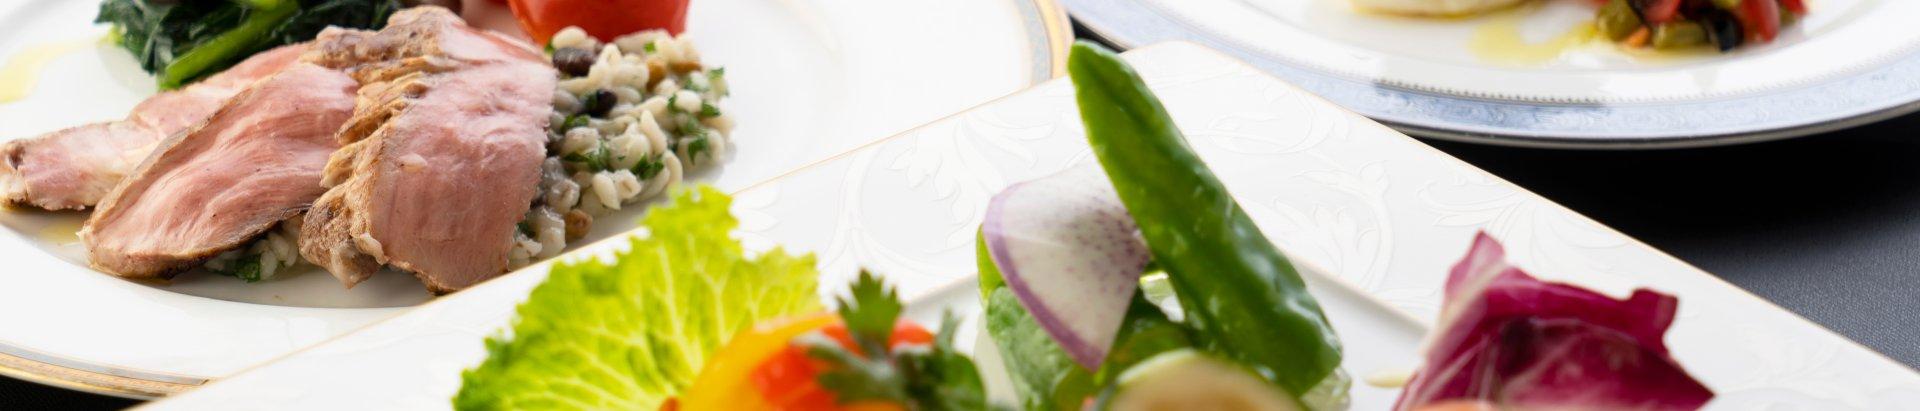 食の安心・安全、健康、地産地消をテーマに体に優しいお料理をご提供